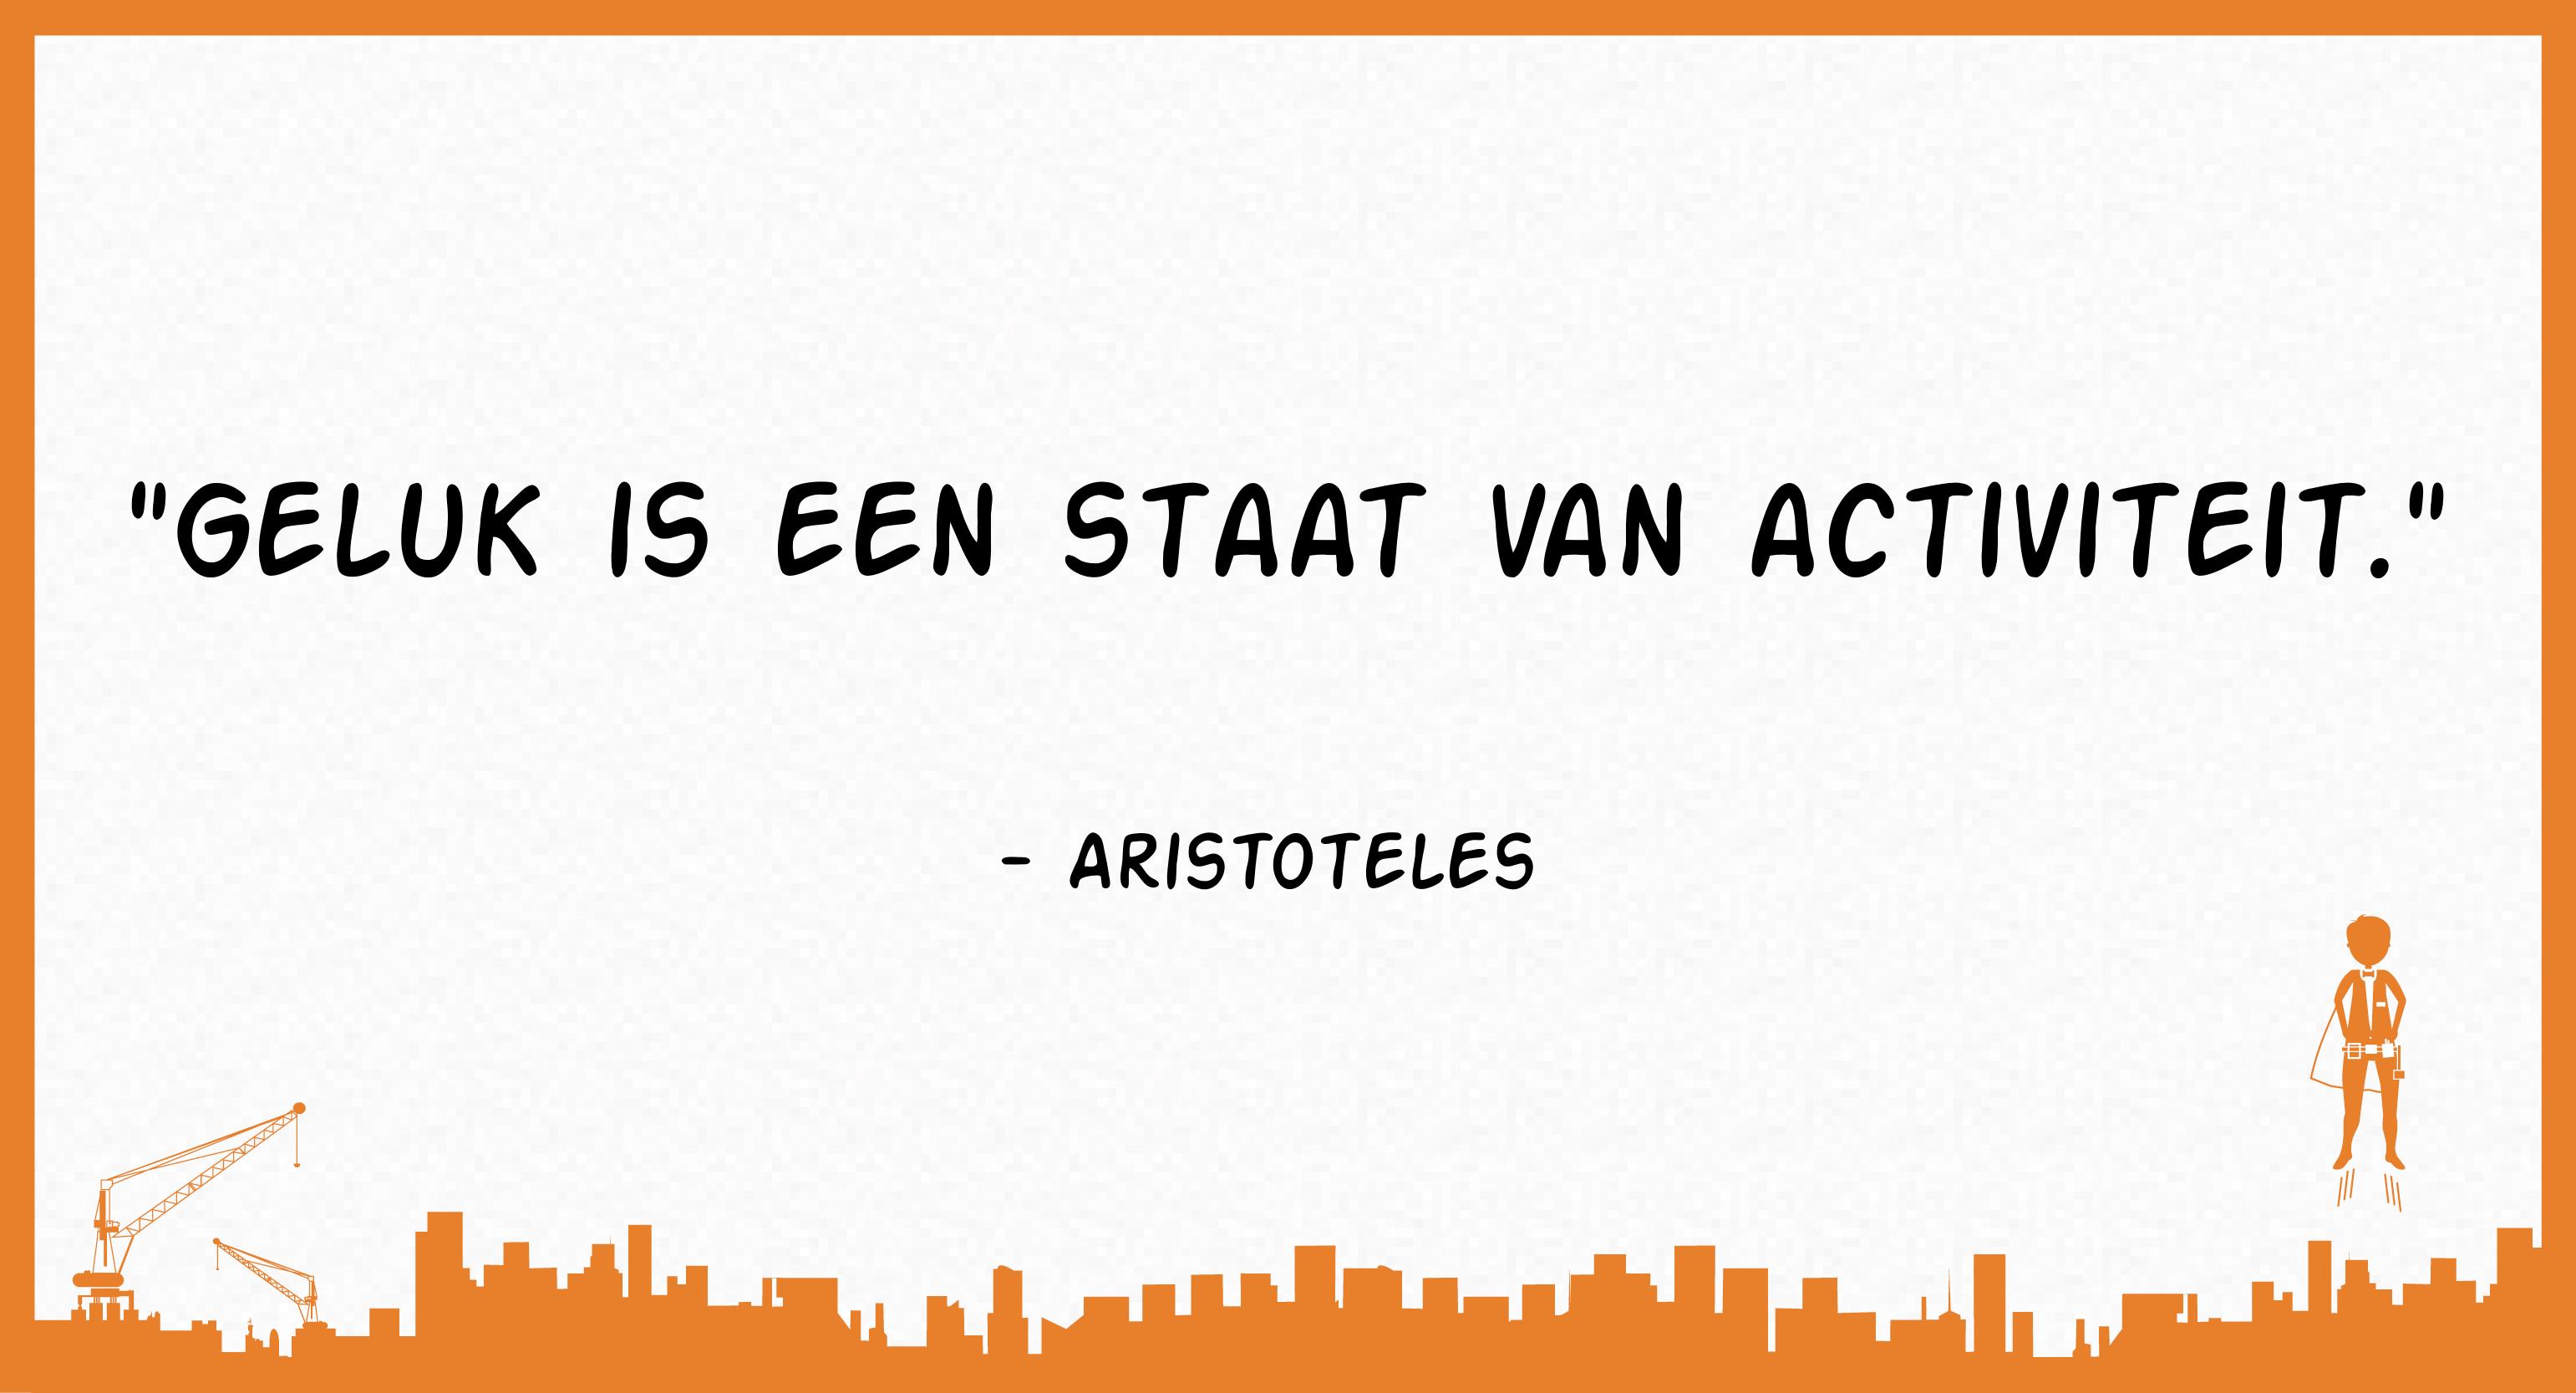 Geluk is een staat van activiteit (Aristoteles)